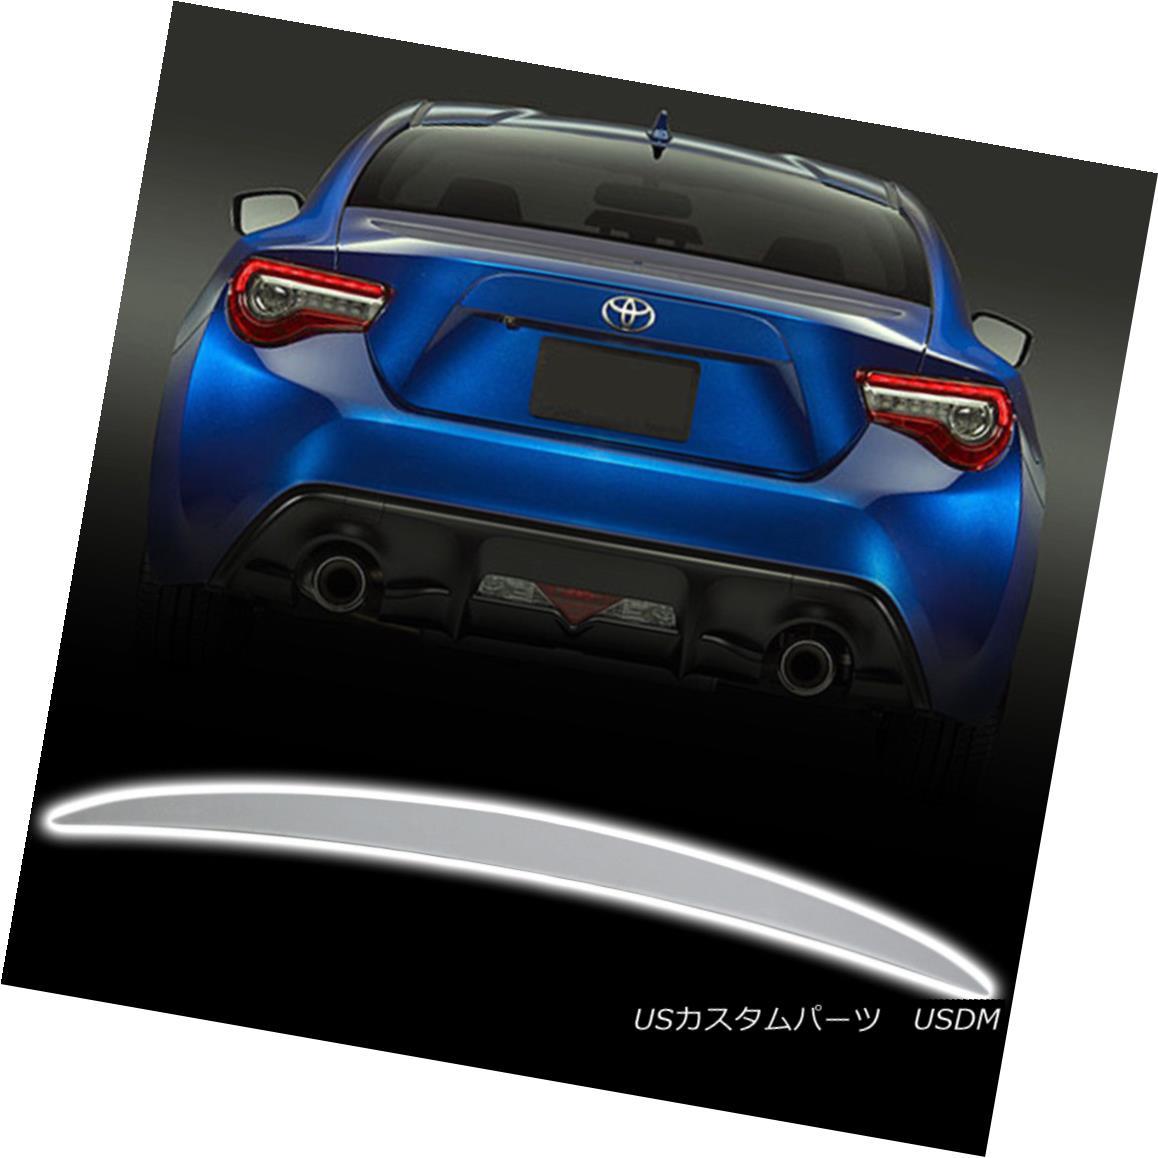 エアロパーツ Unpaint Performance Style Trunk Spoiler For Subaru BRZ / Scion FRS / Toyota GT86 Subaru BRZ / Scion FRS / Toyota GT86用のペイント・パフォーマンス・スタイル・トランク・スポイラー